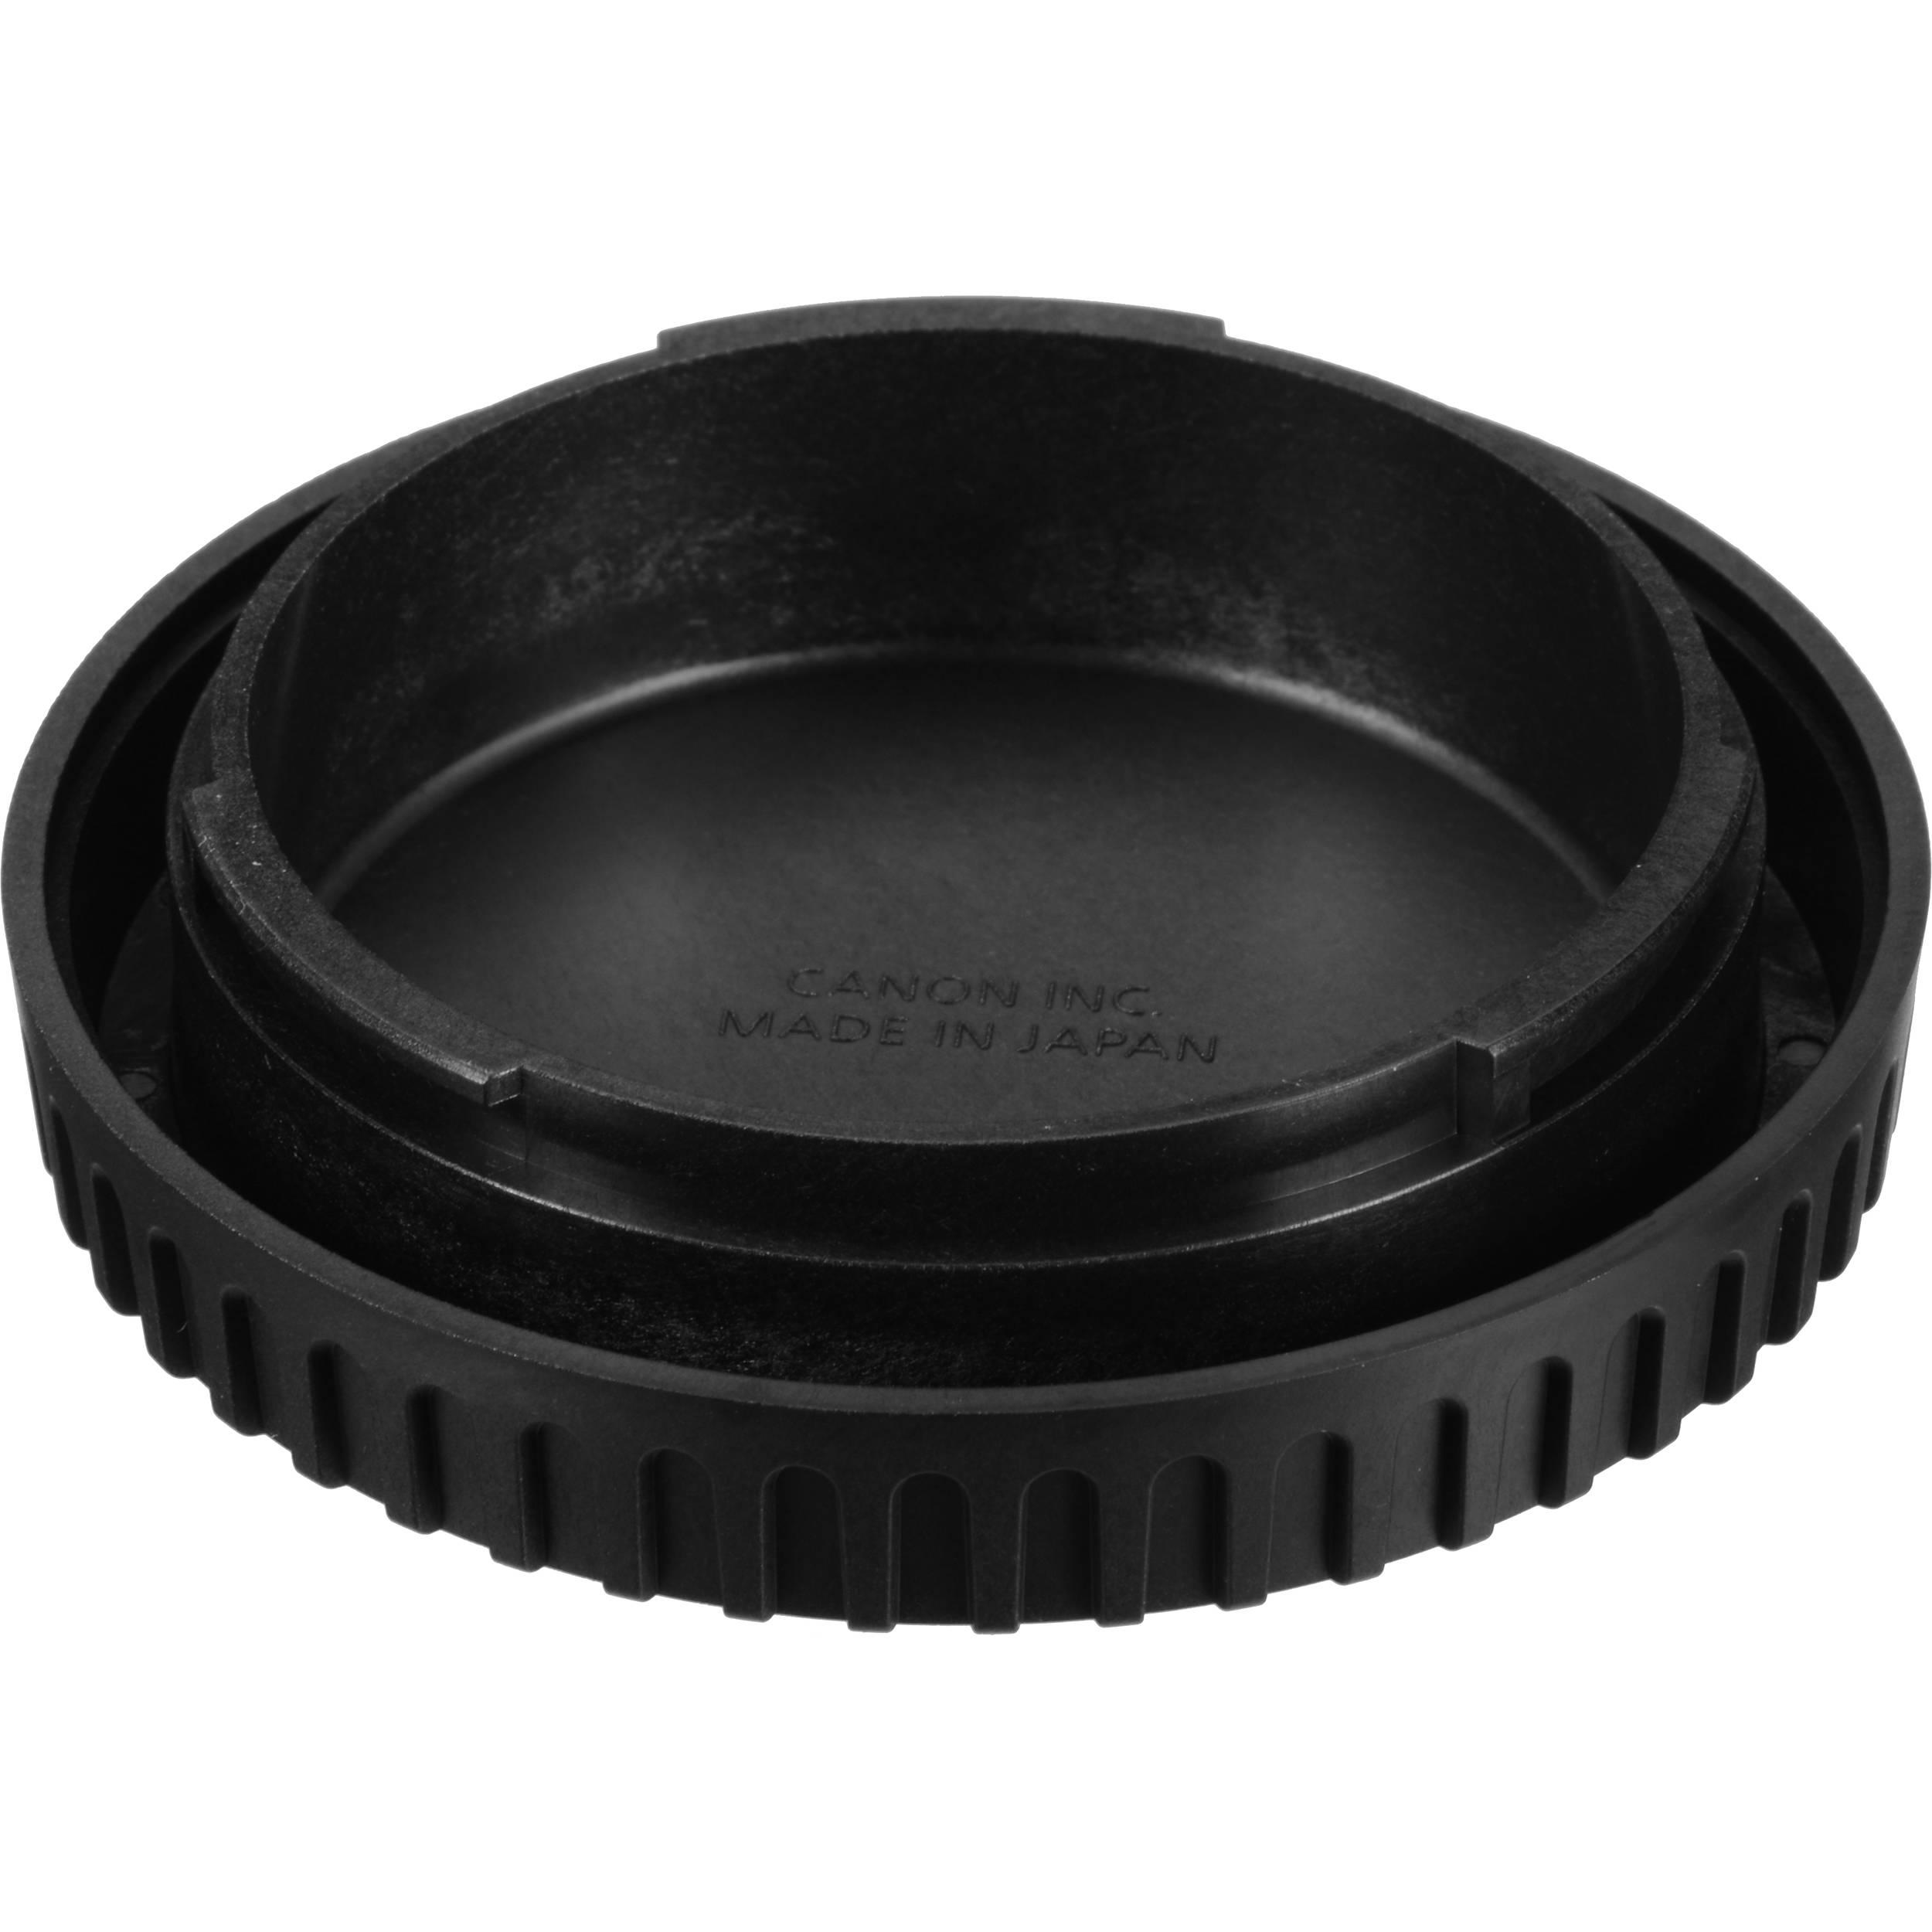 Canon lens cap extender cap E II 2724A001